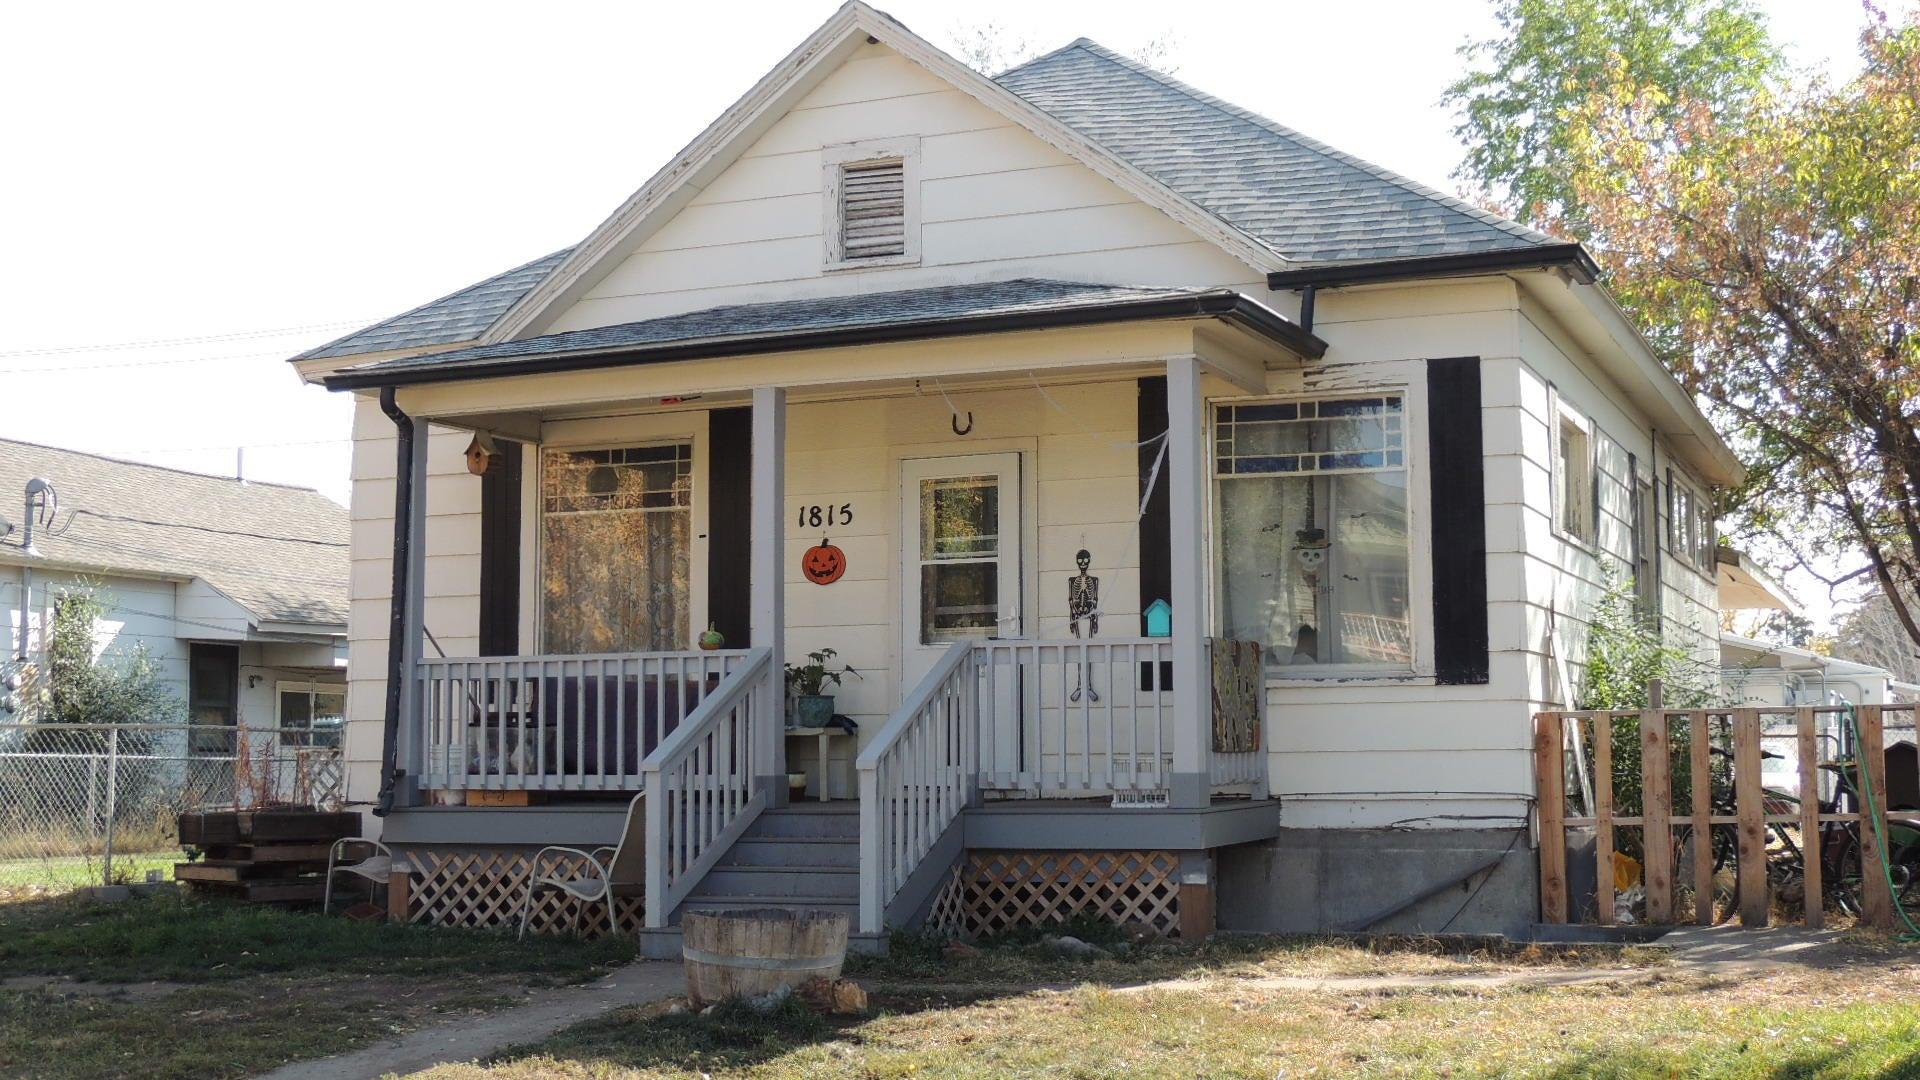 1815 Stoddard Street, Missoula, MT 59802